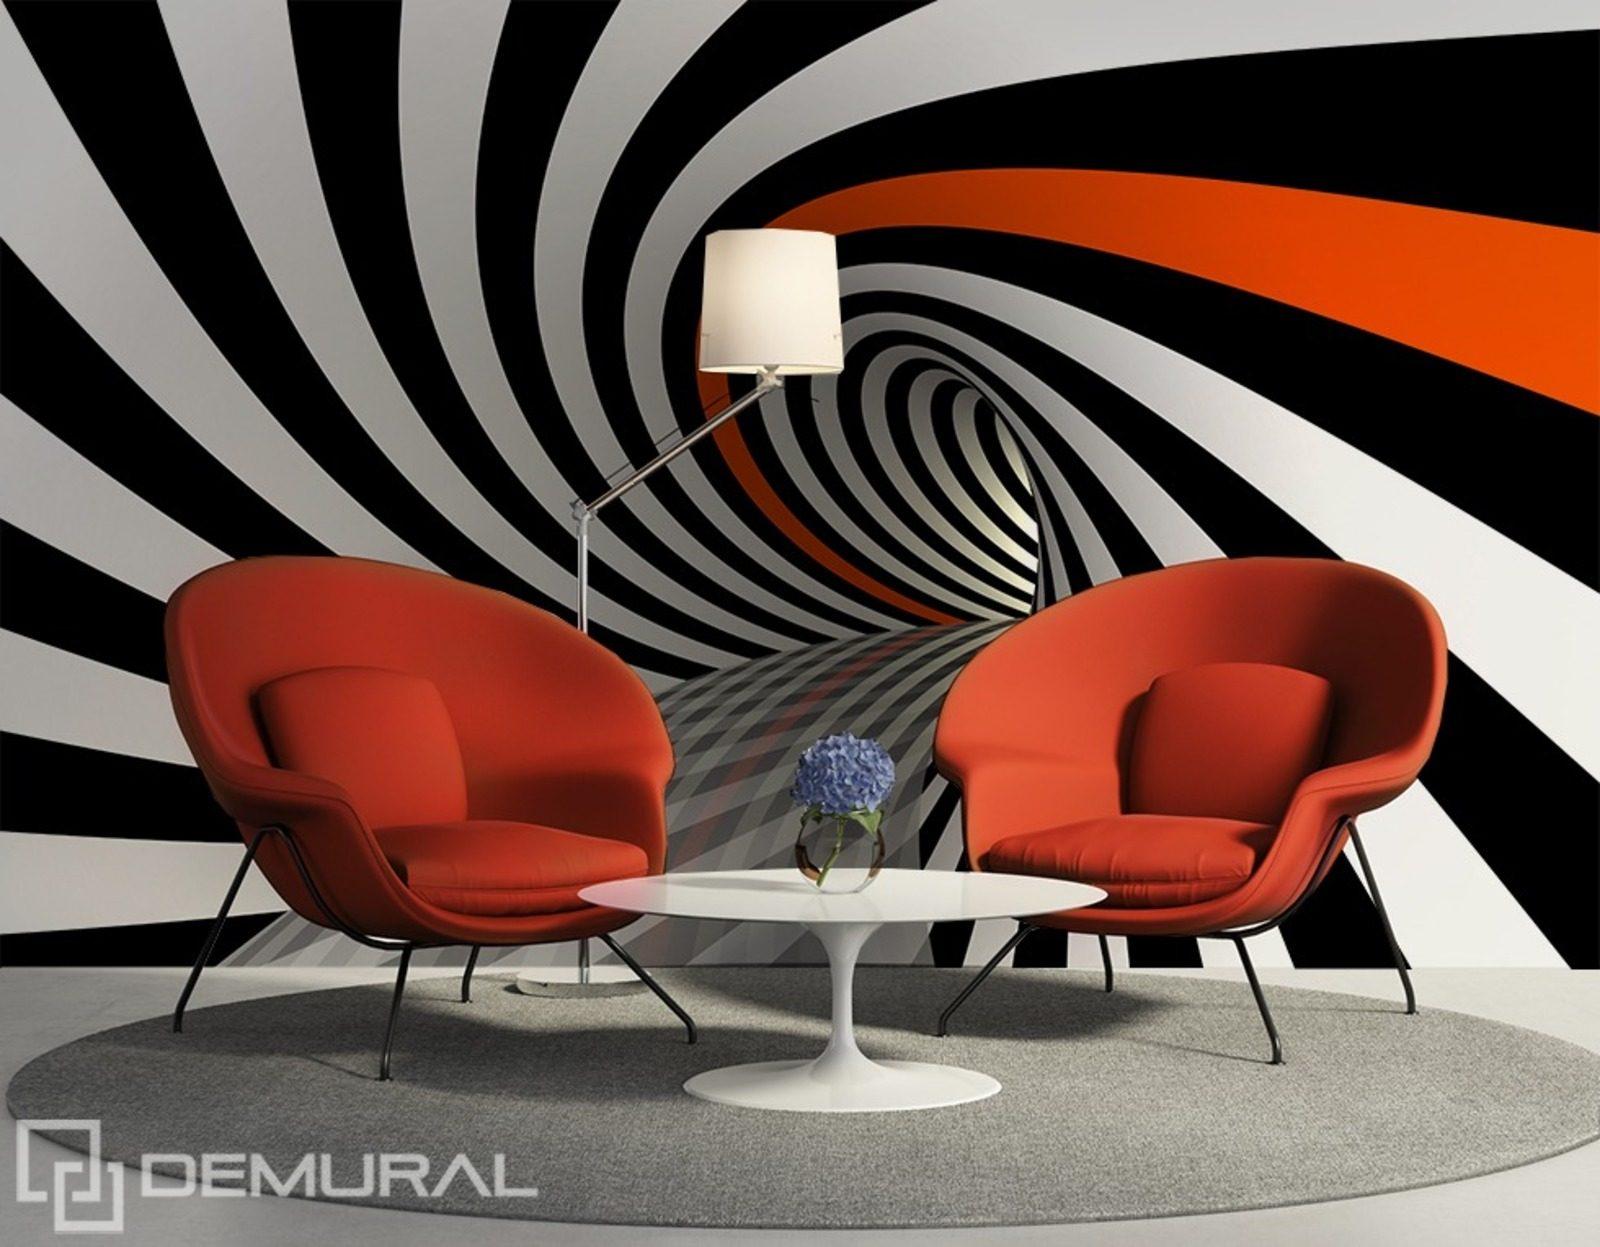 Fototapete Wohnzimmer Motiv : Details zu Fototapete Vlies Labyrinth ...